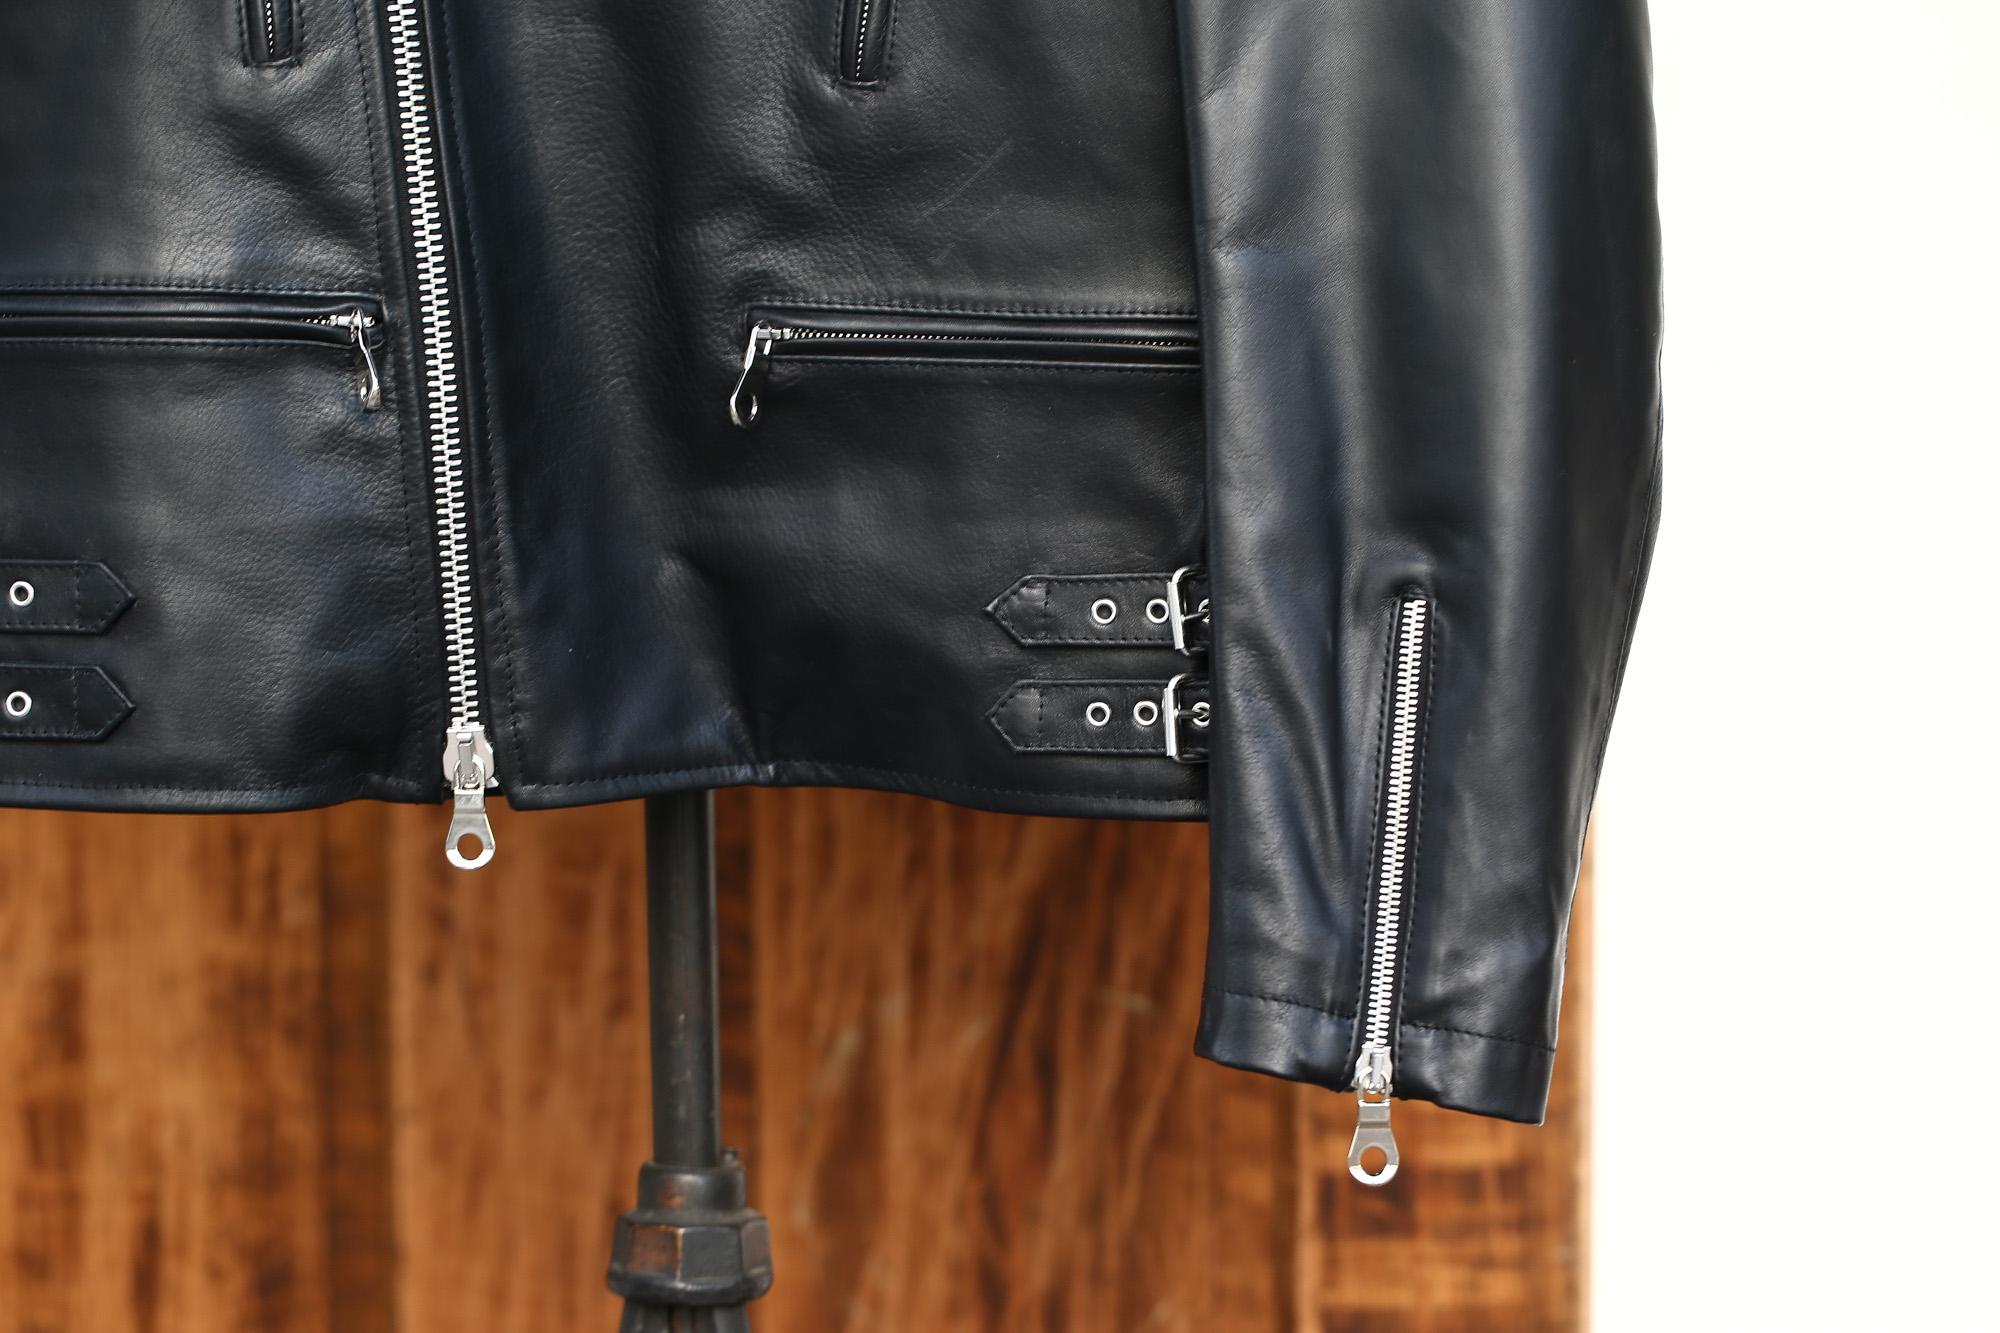 CINQUANTA (チンクアンタ) H508 W RIDERS SL CAVALLO (ダブルライダース ジャケット SL) ホースレザー ライダース ジャケット BLACK (ブラック・999) Made in italy (イタリア製) 2018 春夏新作 cinquanta チンクアンタ レザージャケット ジャケット 愛知 名古屋 Alto e Diritto アルト エ デリット